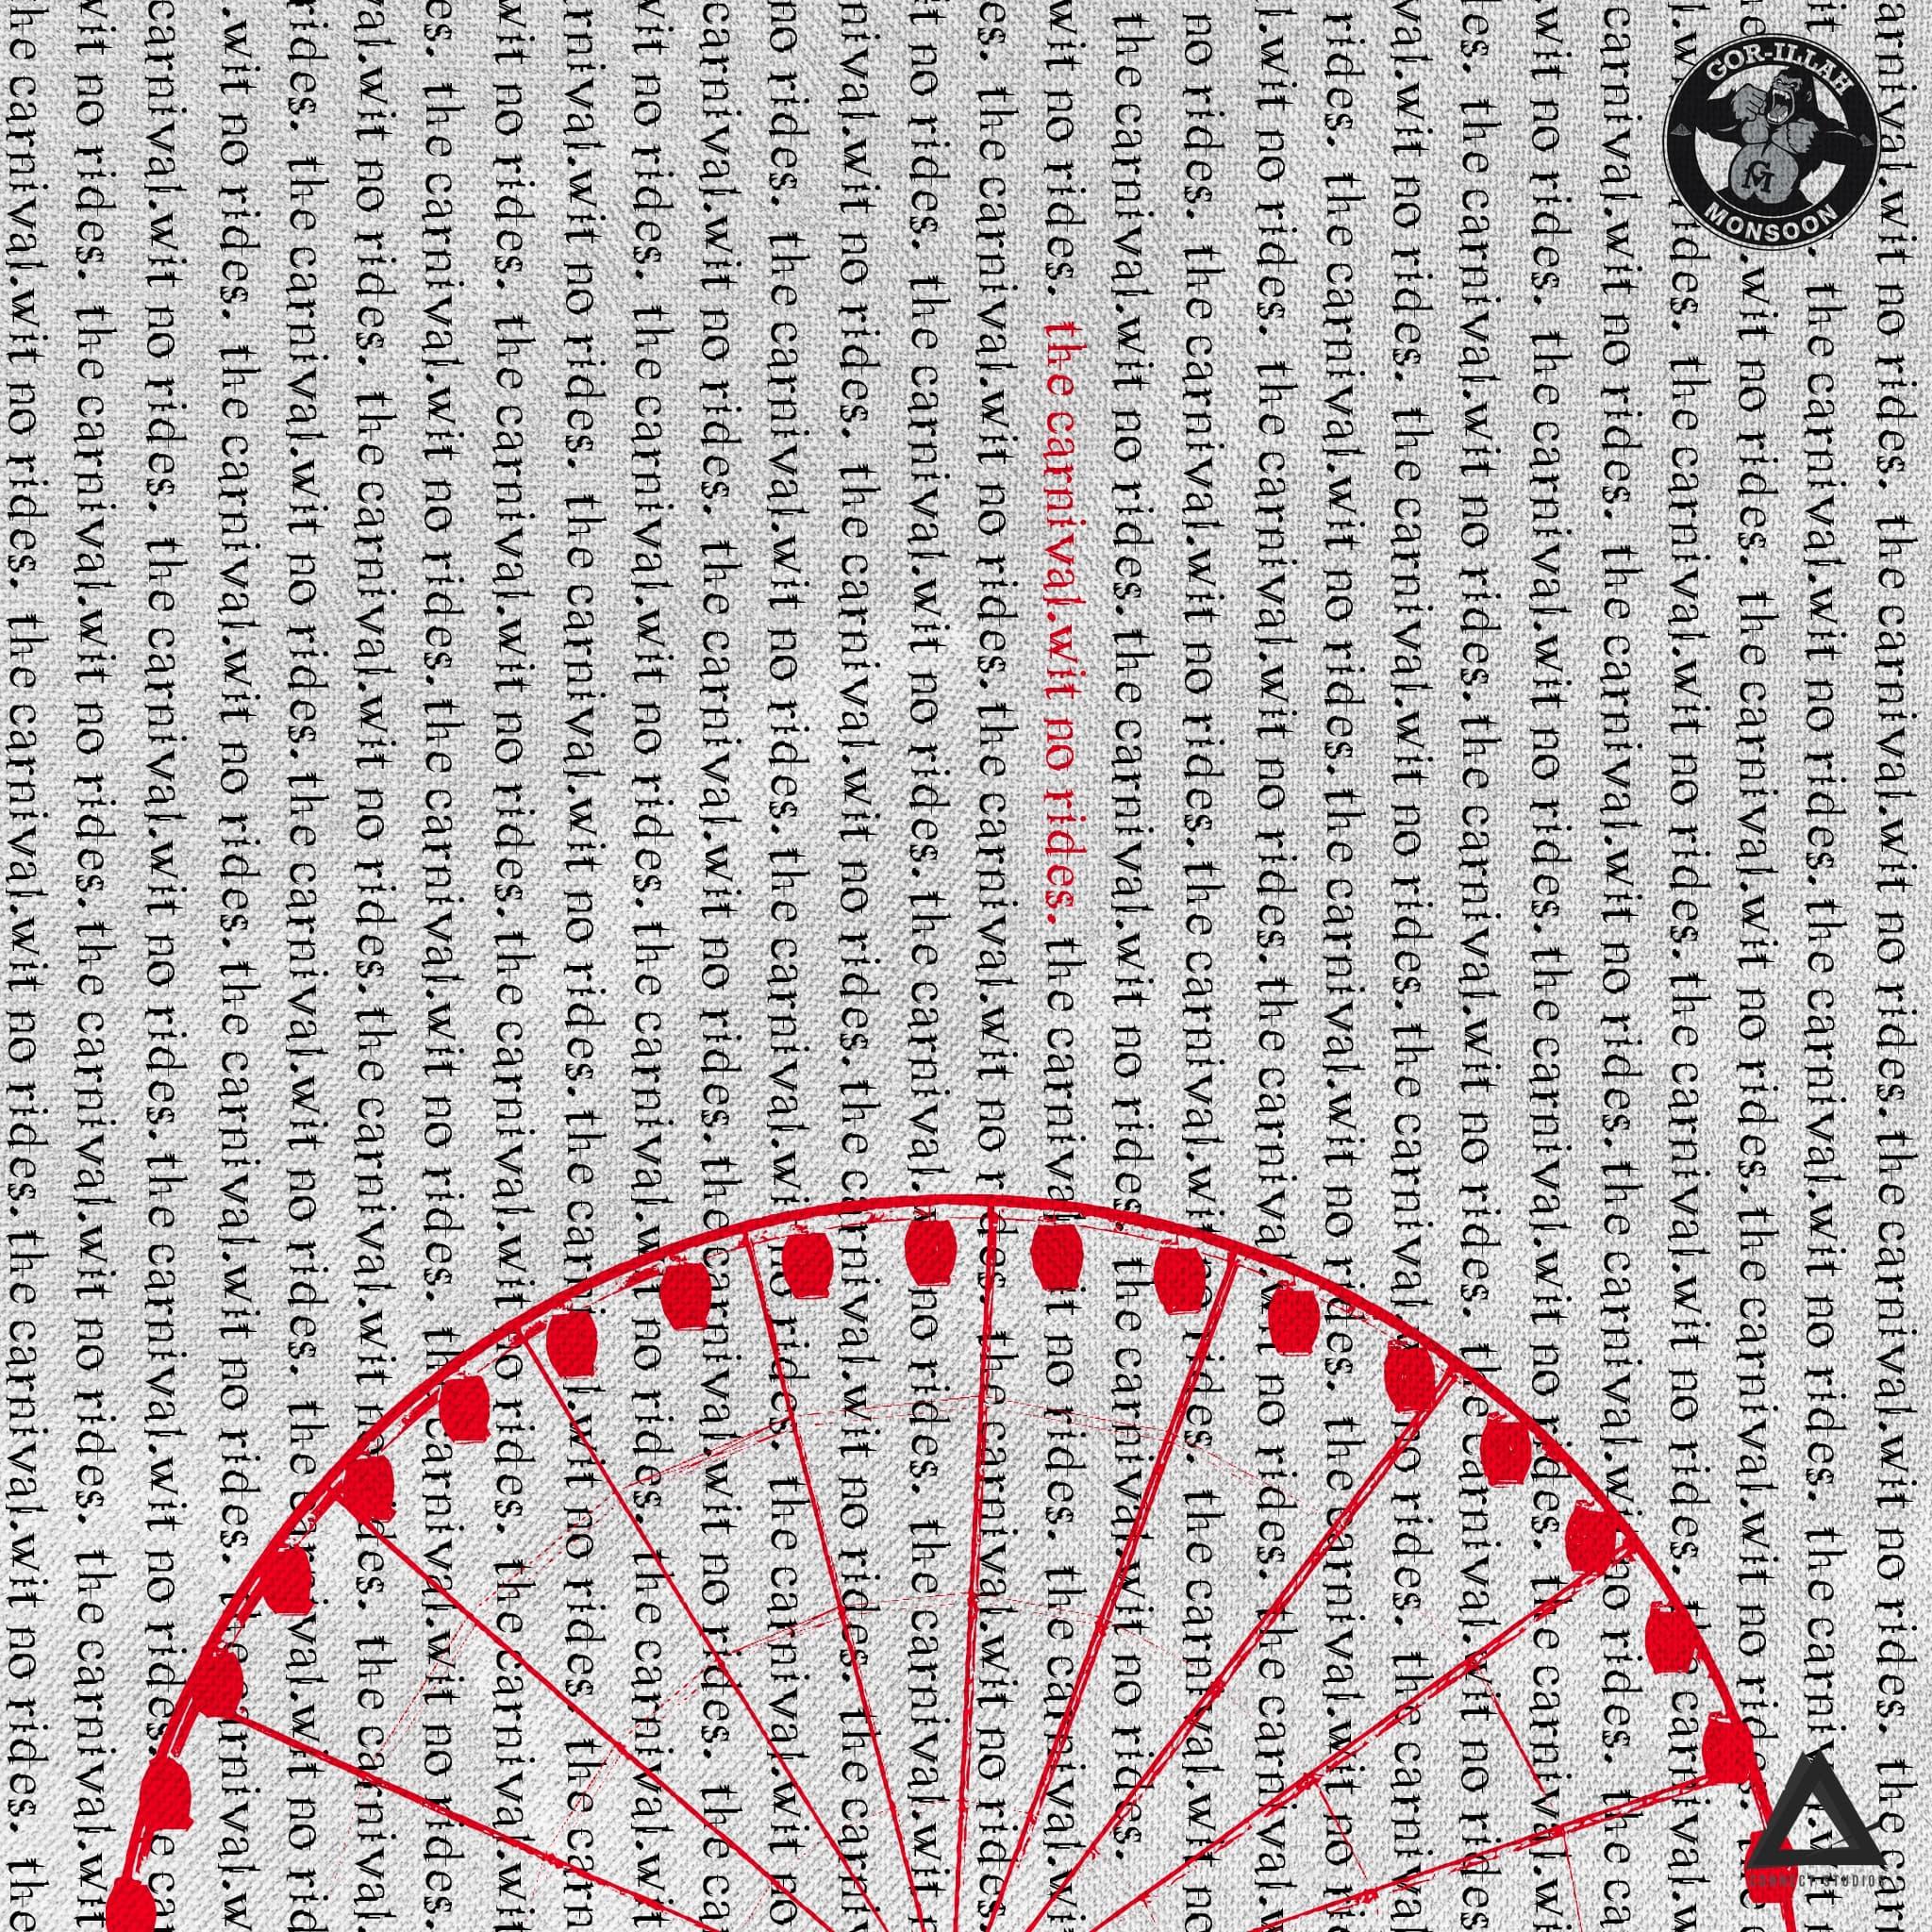 Blak Bravo - Carnival Wit No Rides img_0965-1550939613.jpg